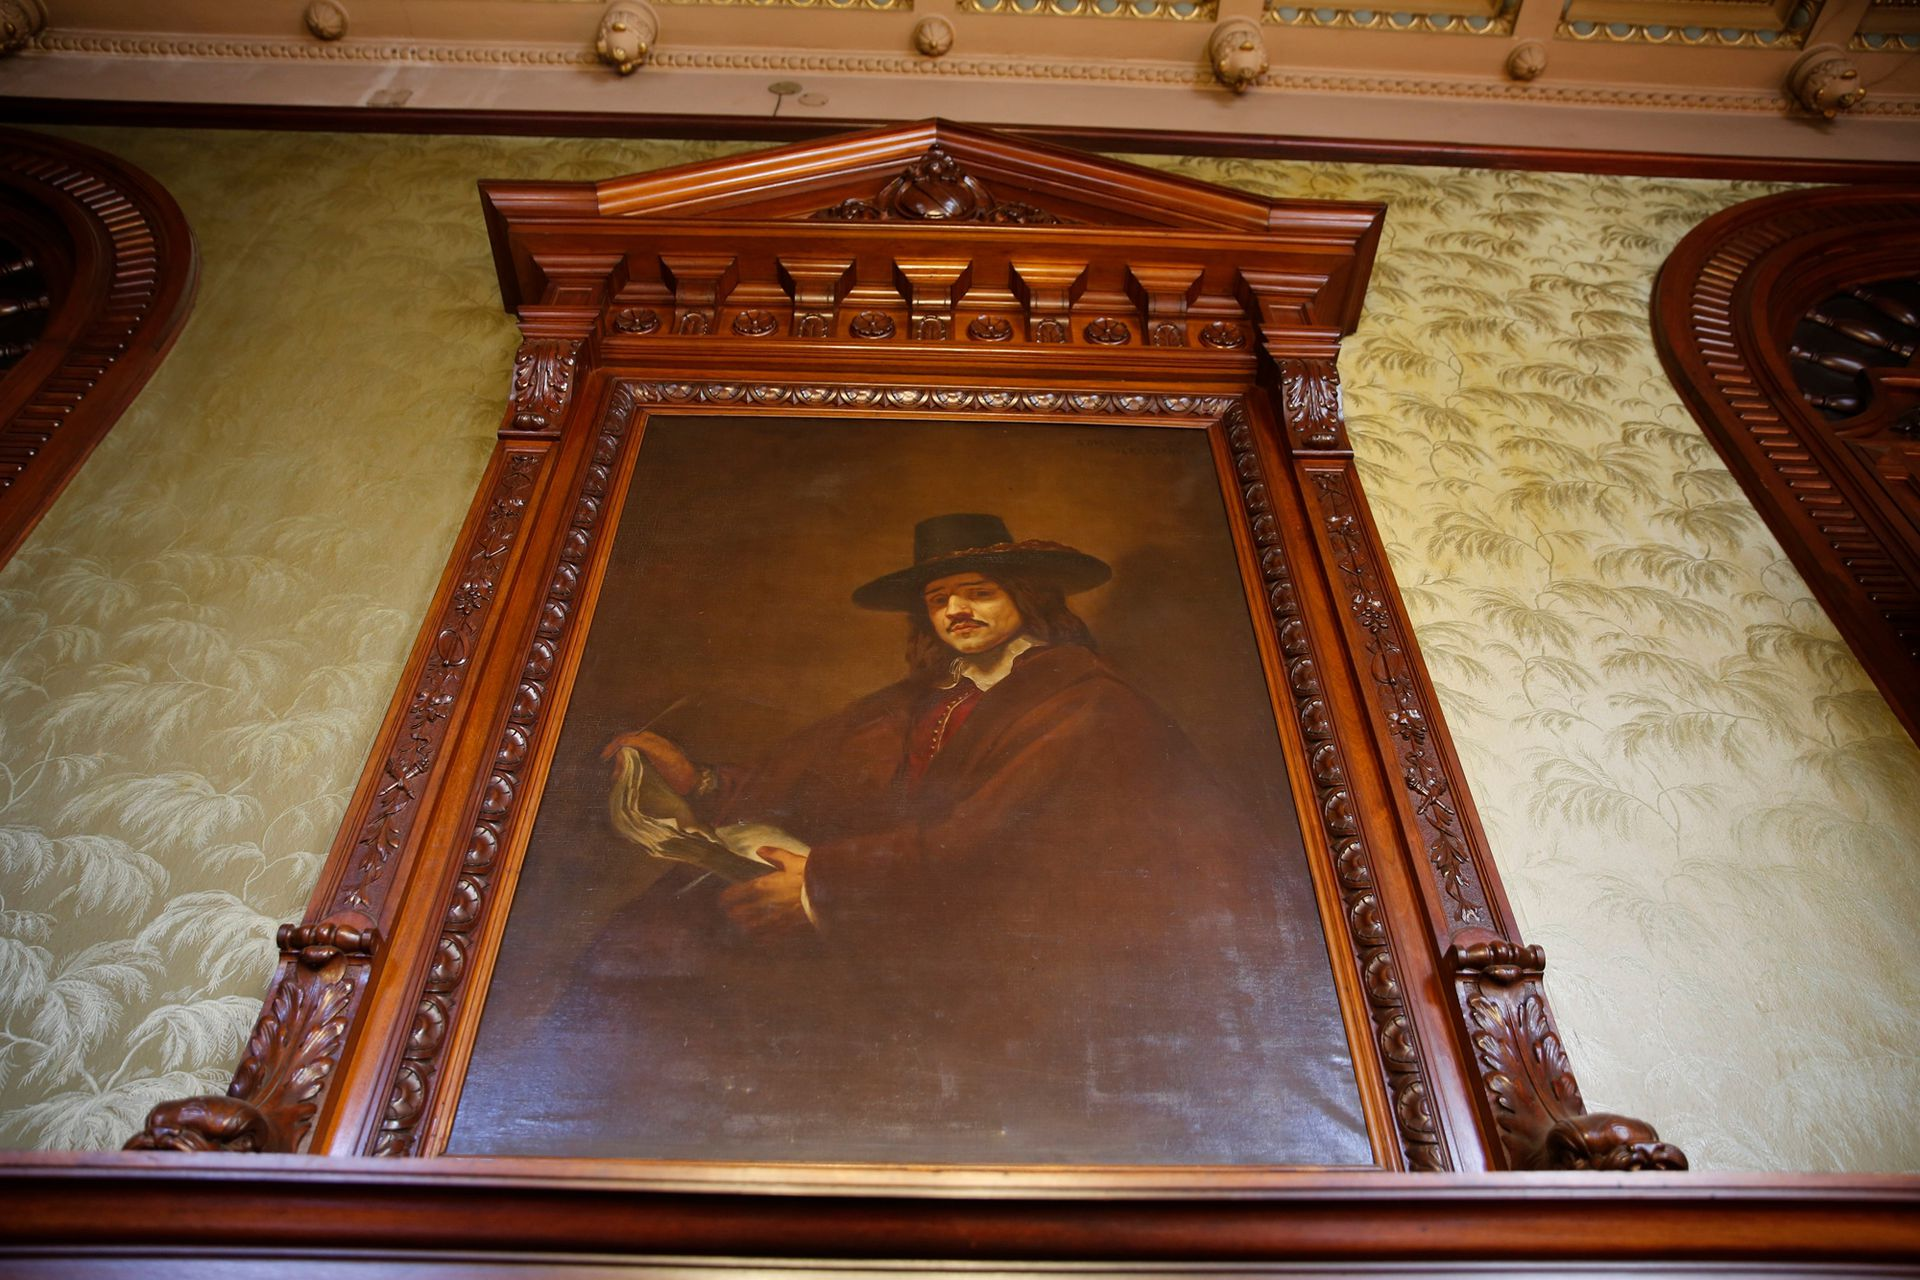 Copia de un autorretrato de Rembrandt, con un libro en la mano, en vez de una paleta o un pincel. Realizado por el italiano Nazareno Orlandi, quien también hizo los frescos del Gran Spendid